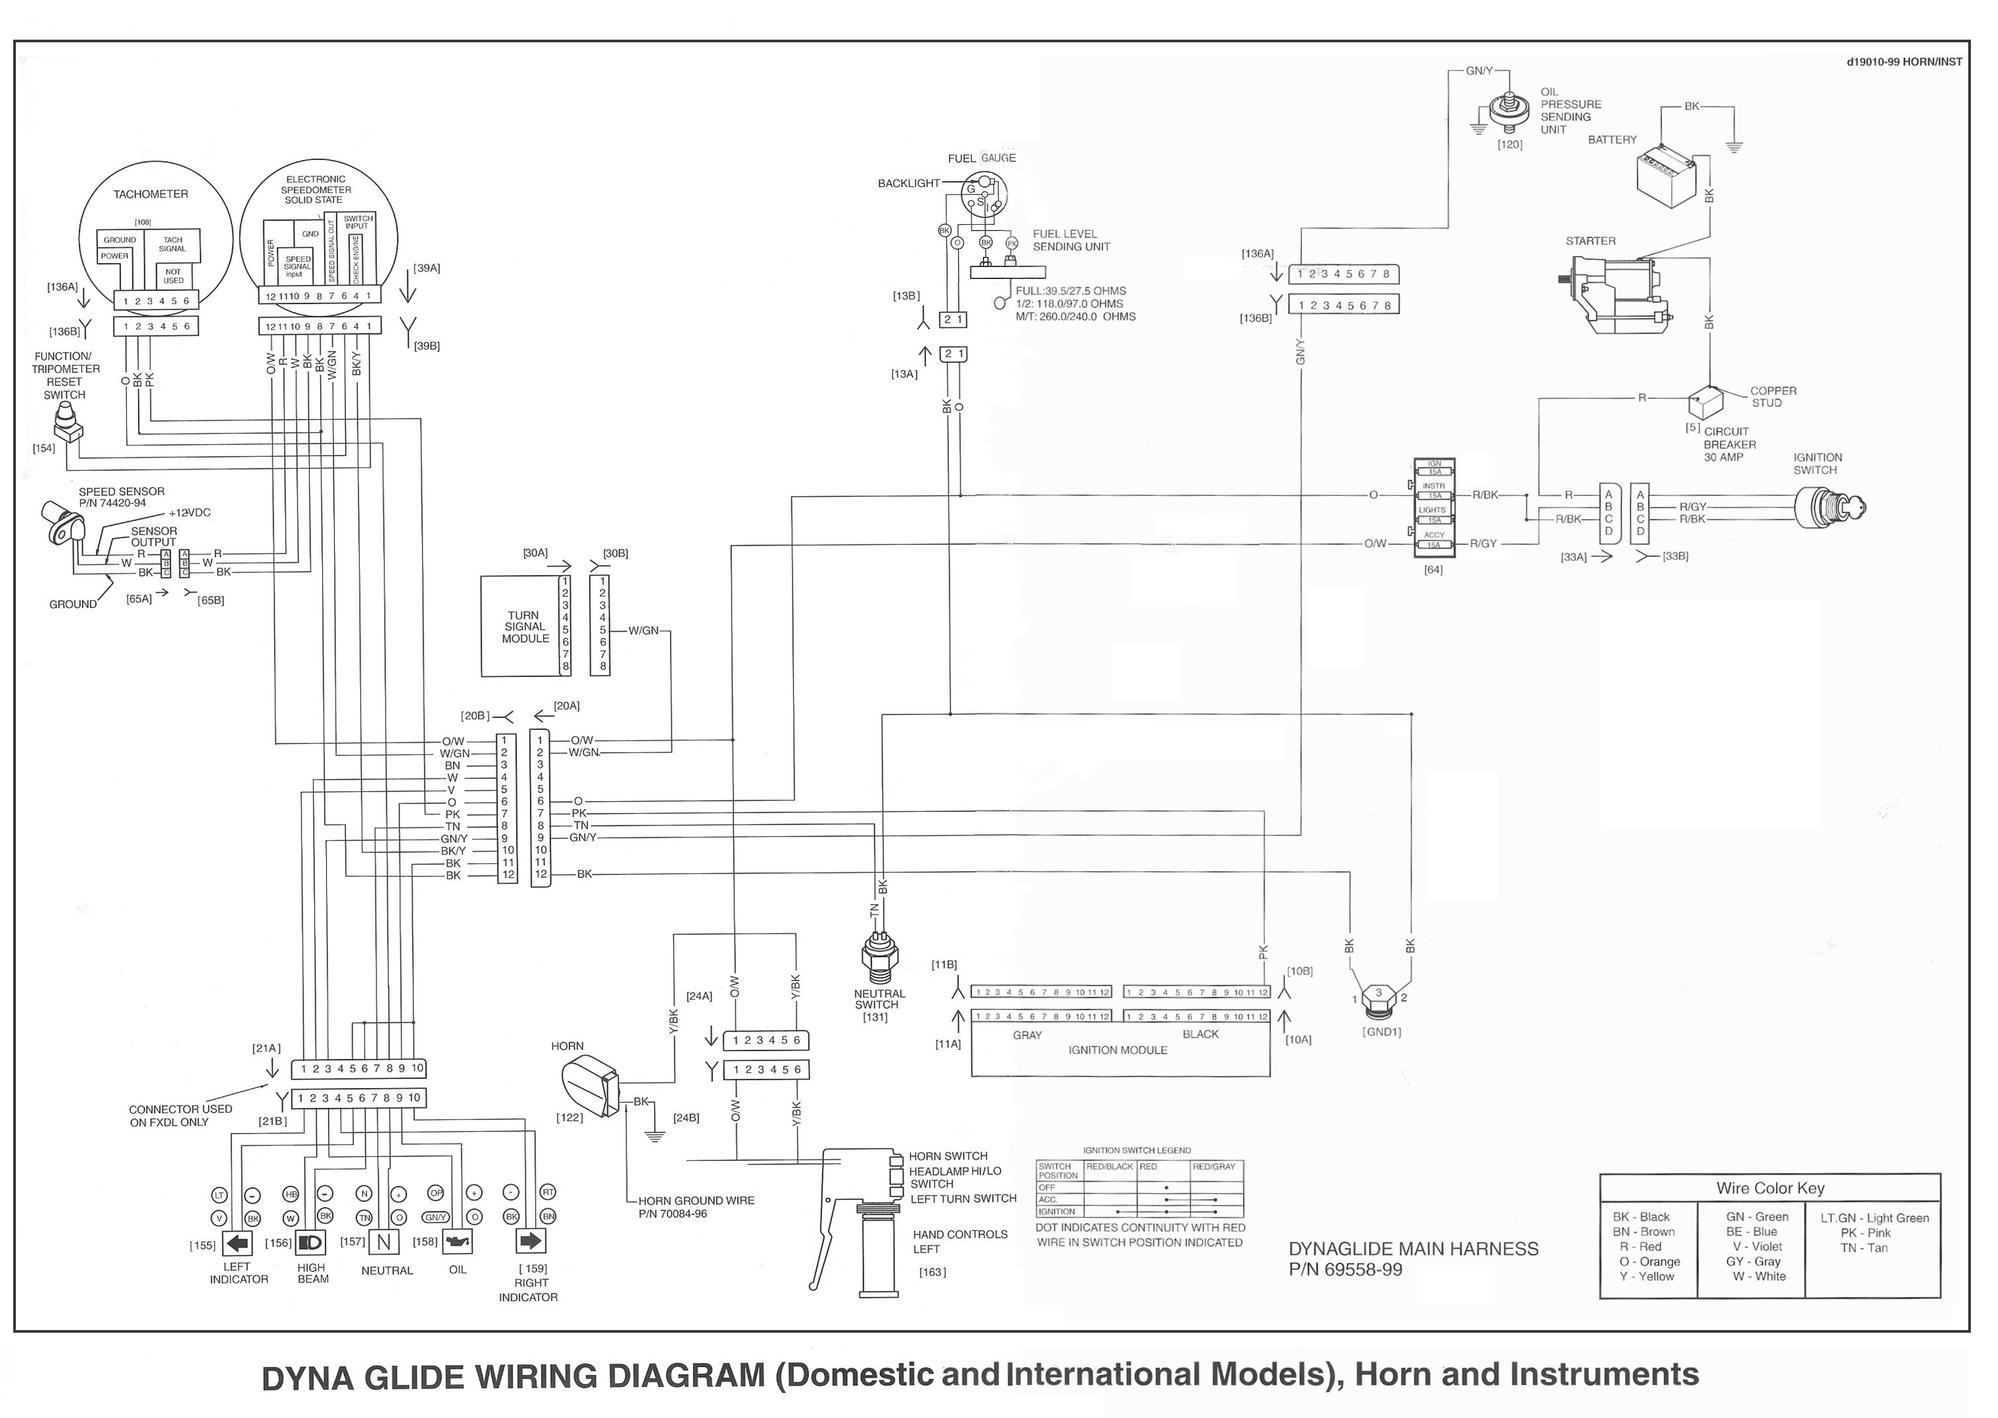 Harley Davidson Wide Glide Wiring Diagram : Harley dyna super glide wiring diagram